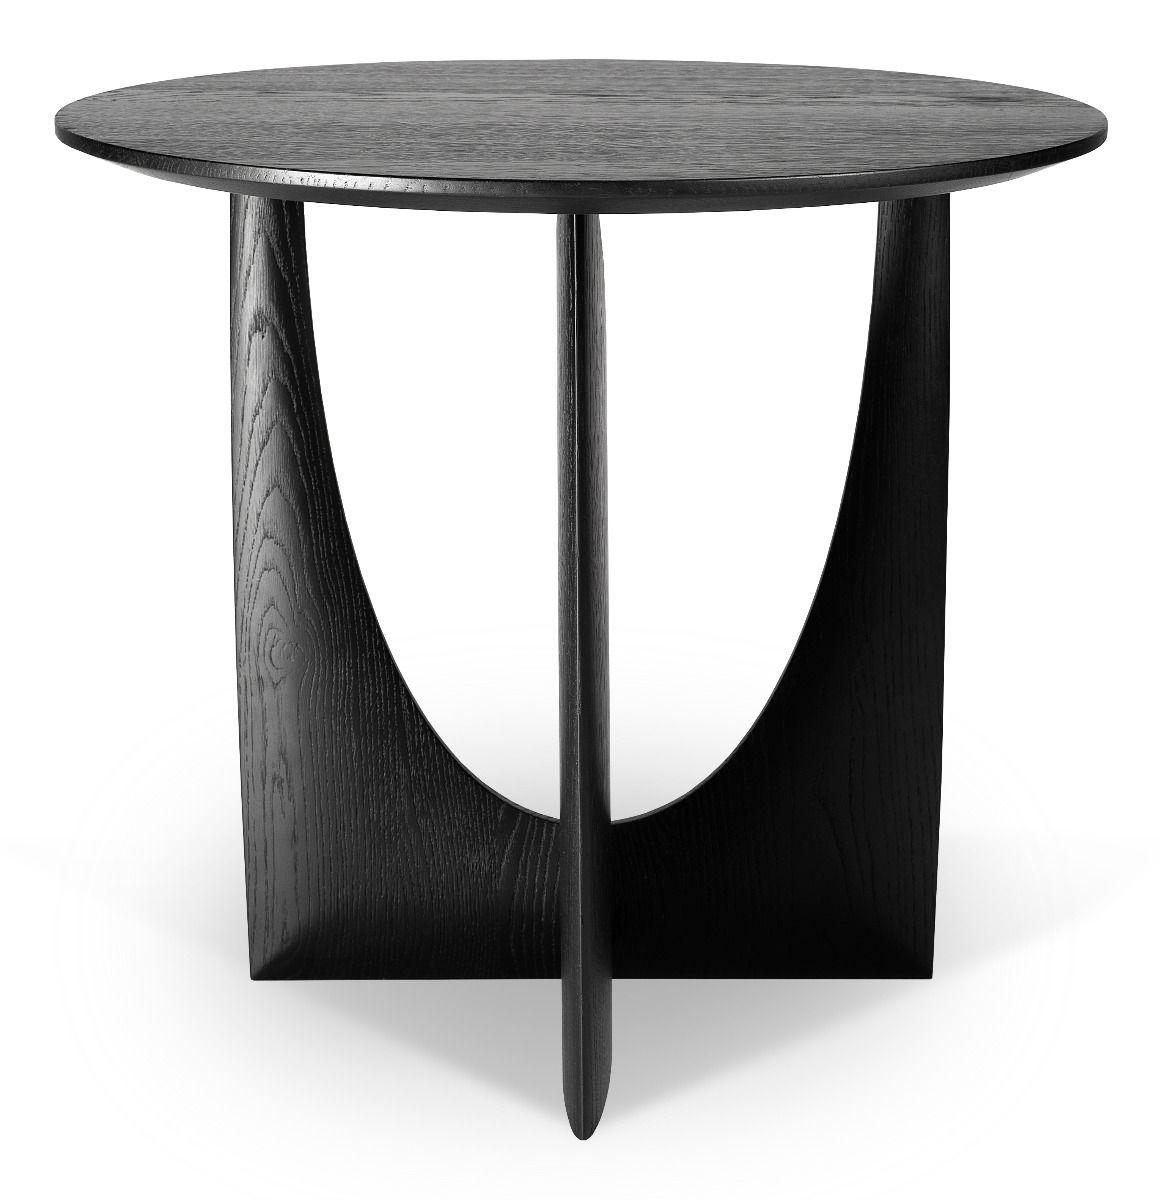 Geometric Side Table Black Oak In 2020 Geometric Side Table